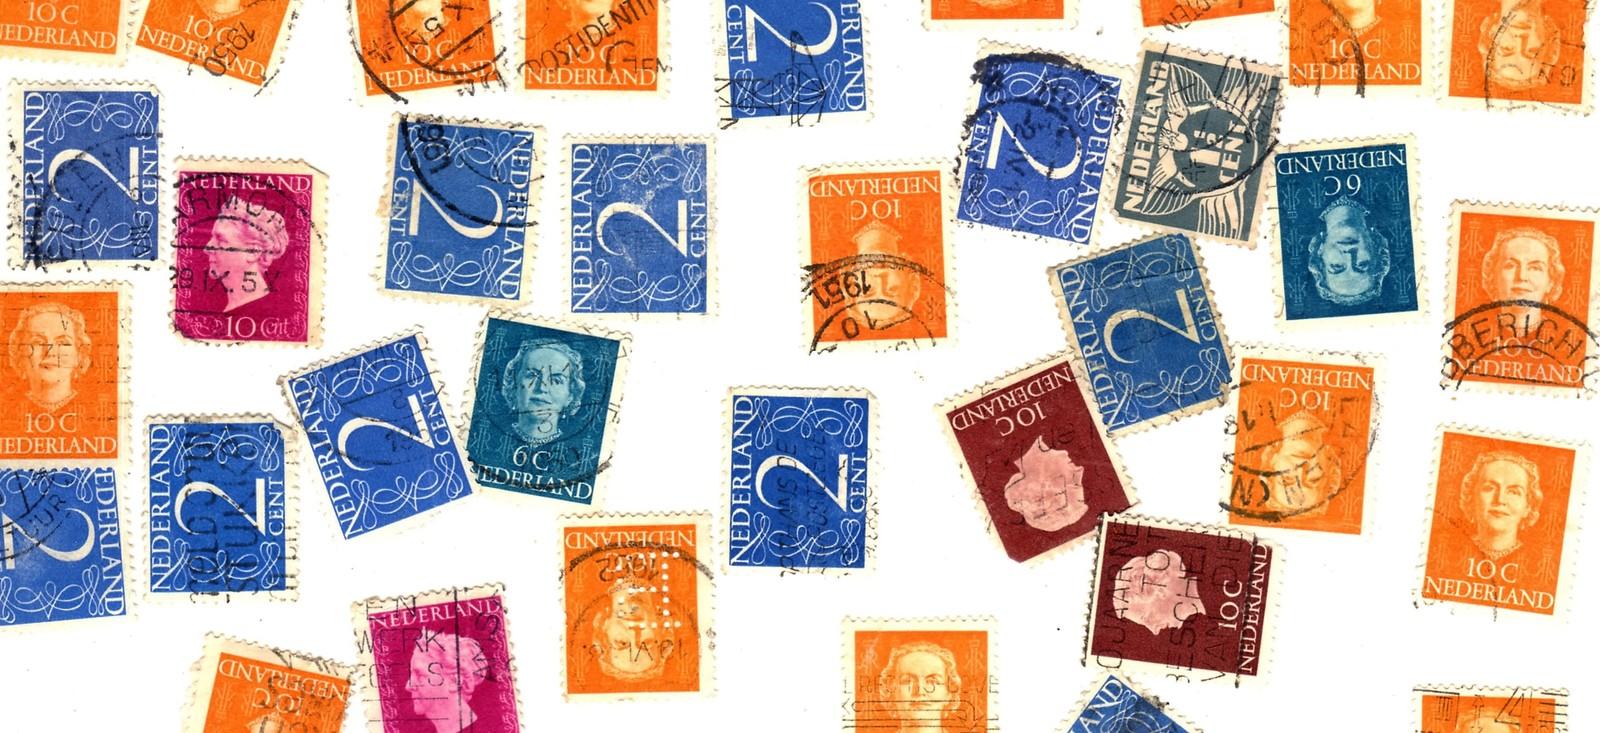 Stamps- Netherlands -European Postage - Netherlands (80 vintage stamps)